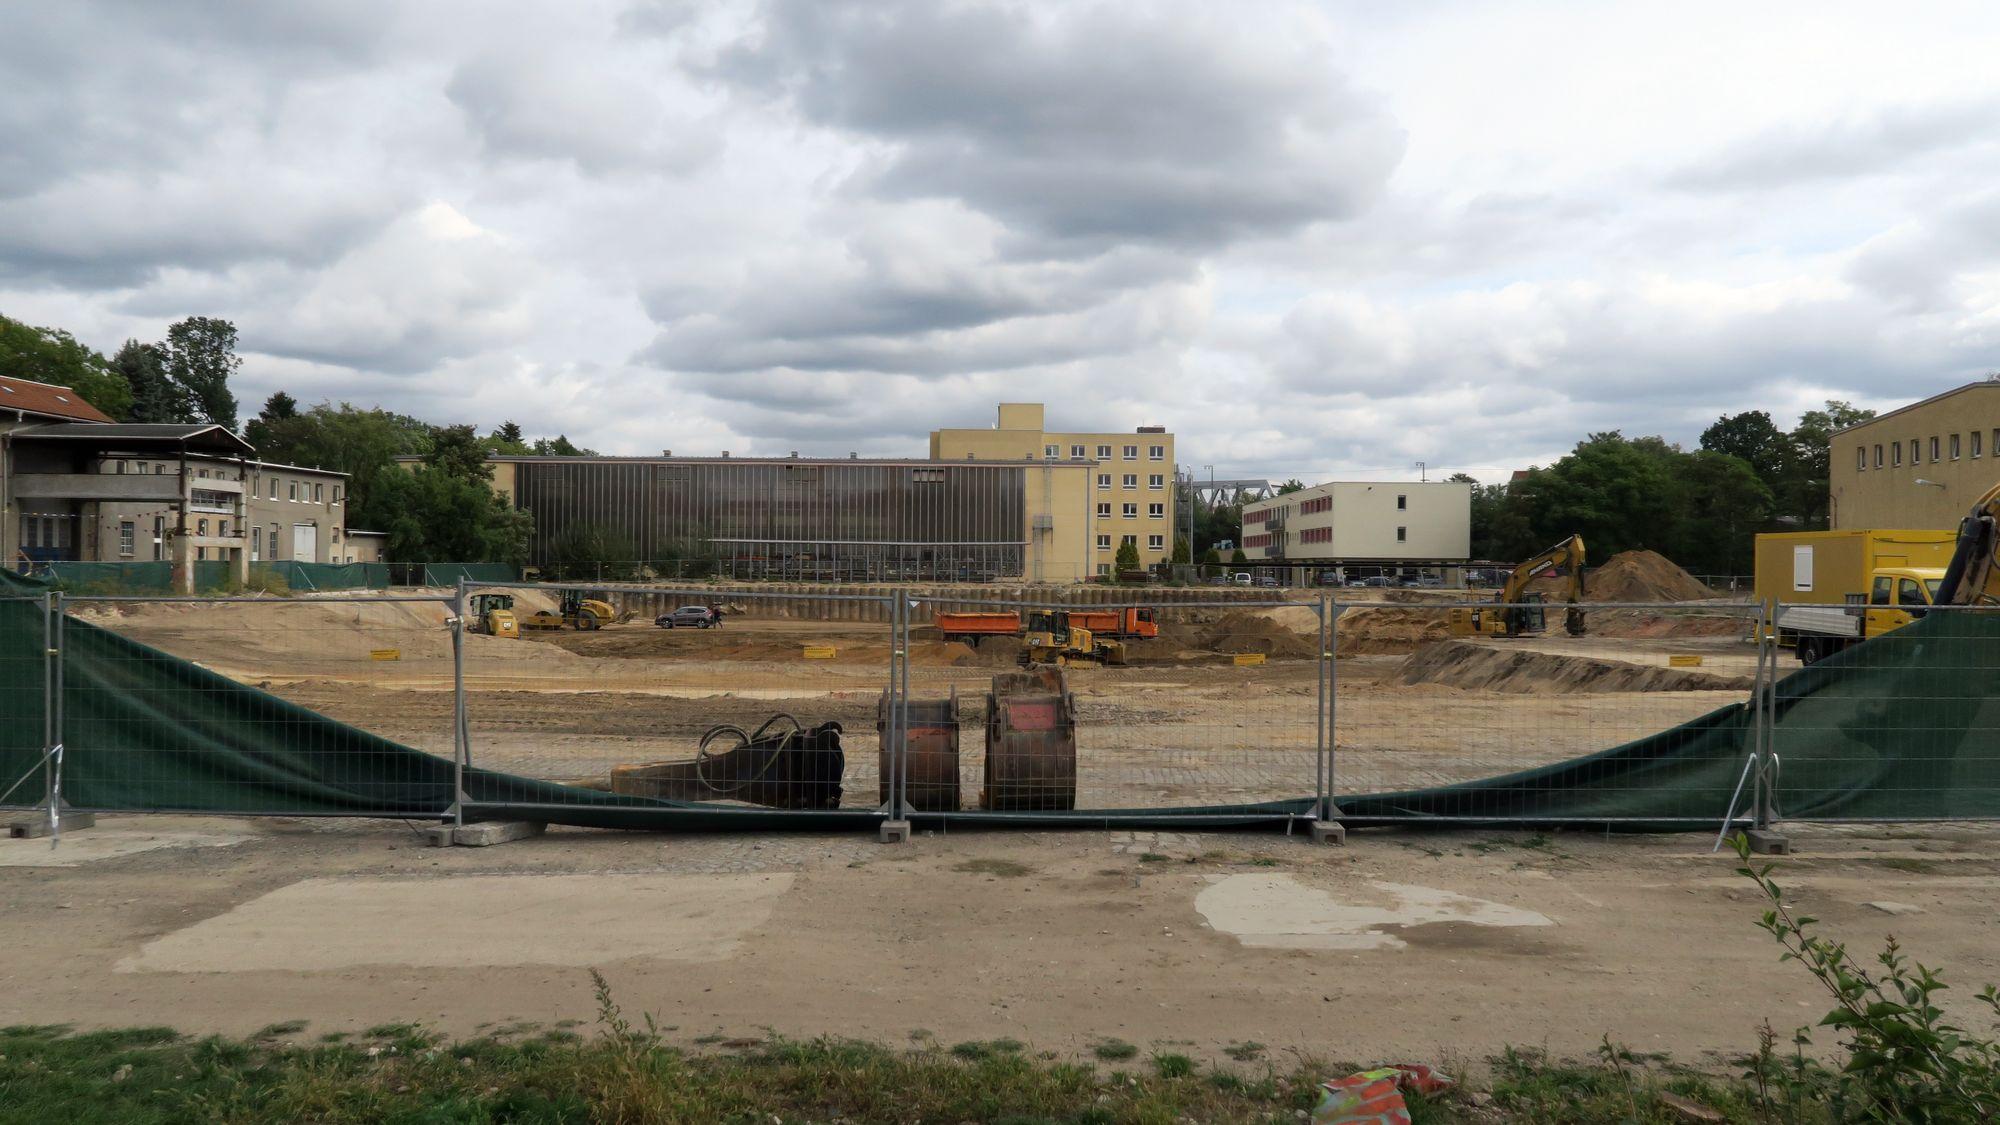 Baugrube 148. Grundschule - die Schule wird voraussichtlich erst 2020 fertig.